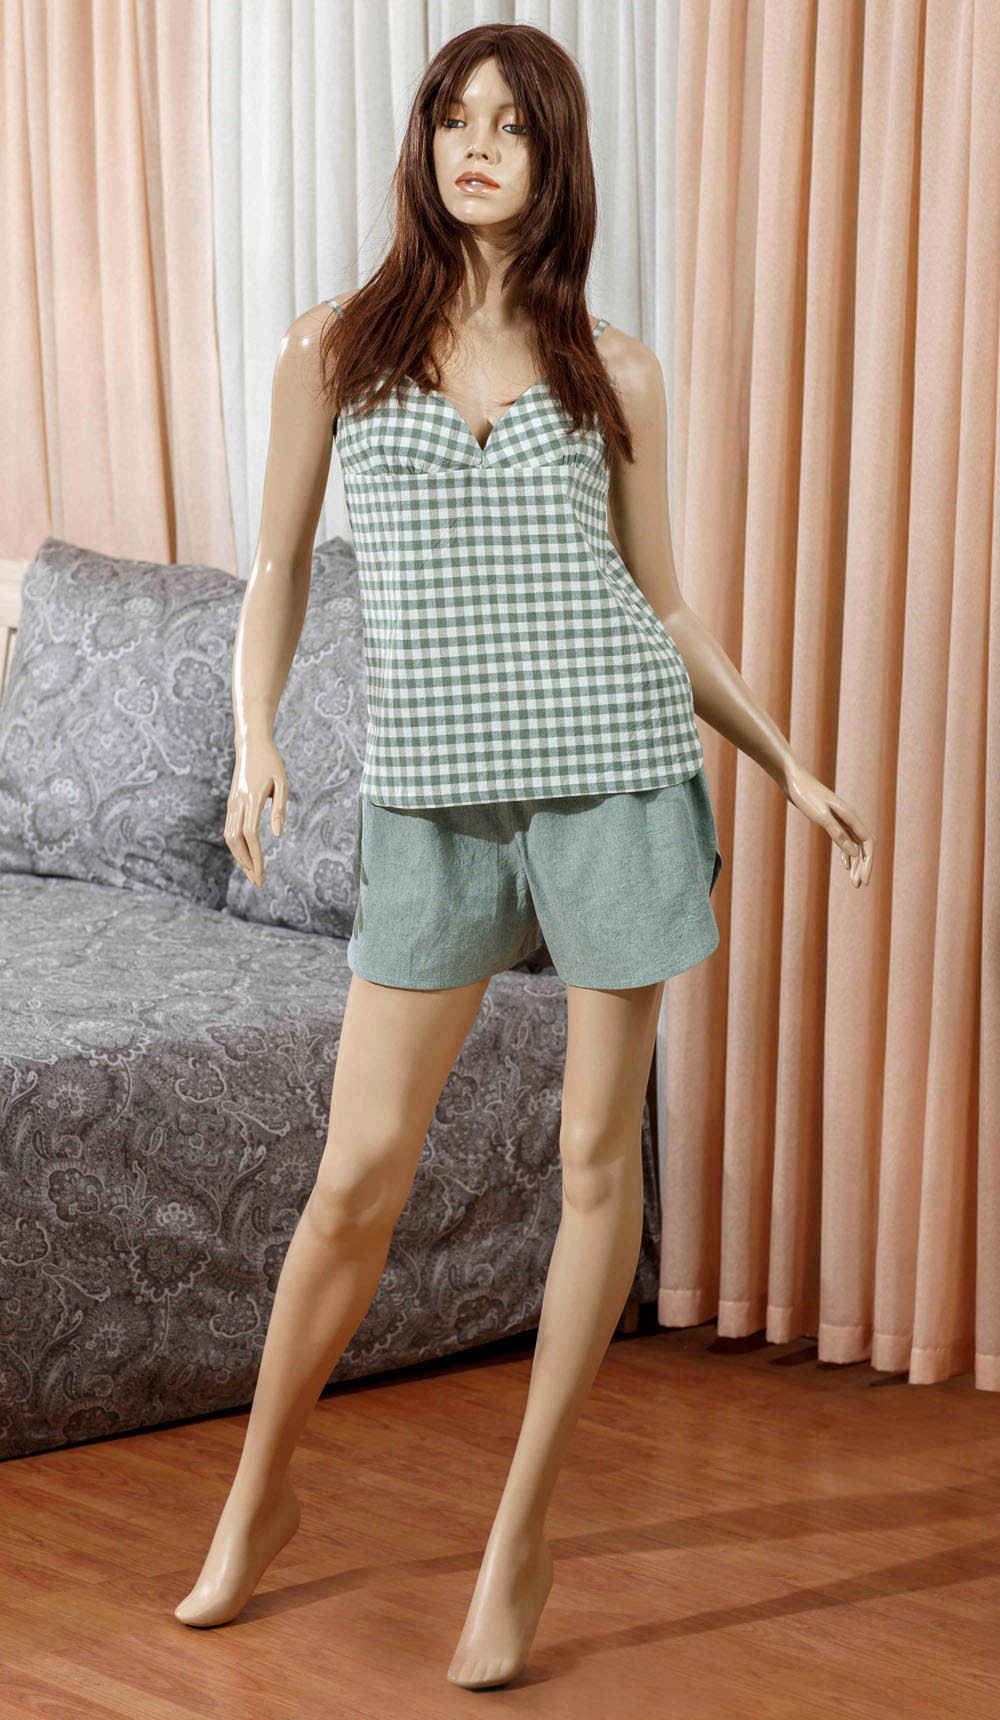 Футболки Primavelle Одежда для дома Vera Цвет: Зеленый (M-L) футболки primavelle одежда для дома vera цвет зеленый m l